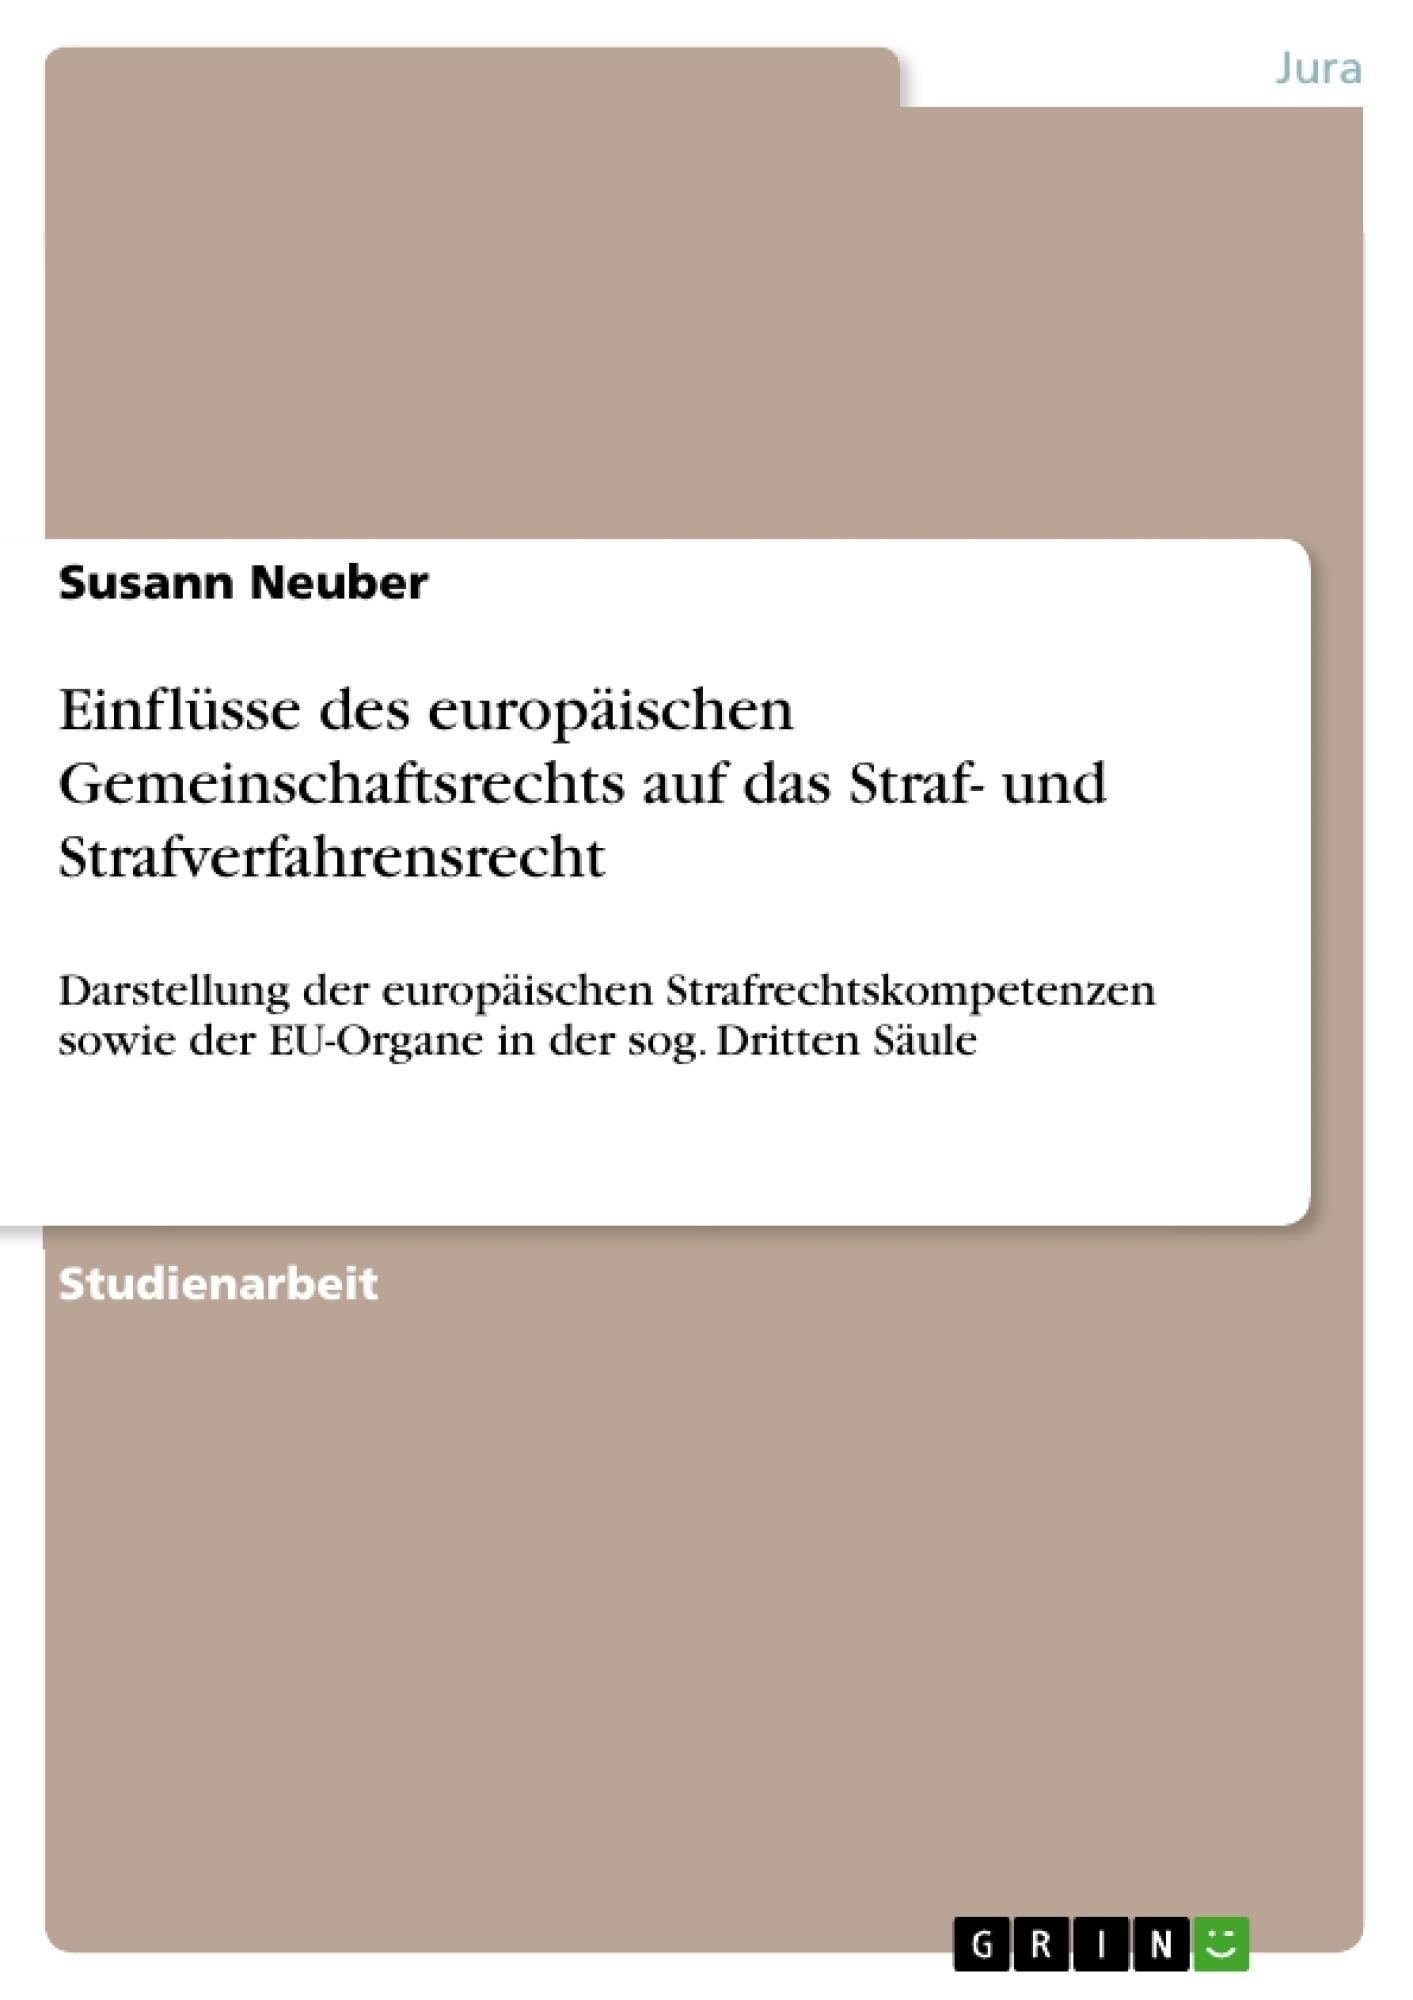 Titel: Einflüsse des europäischen Gemeinschaftsrechts auf das Straf- und Strafverfahrensrecht